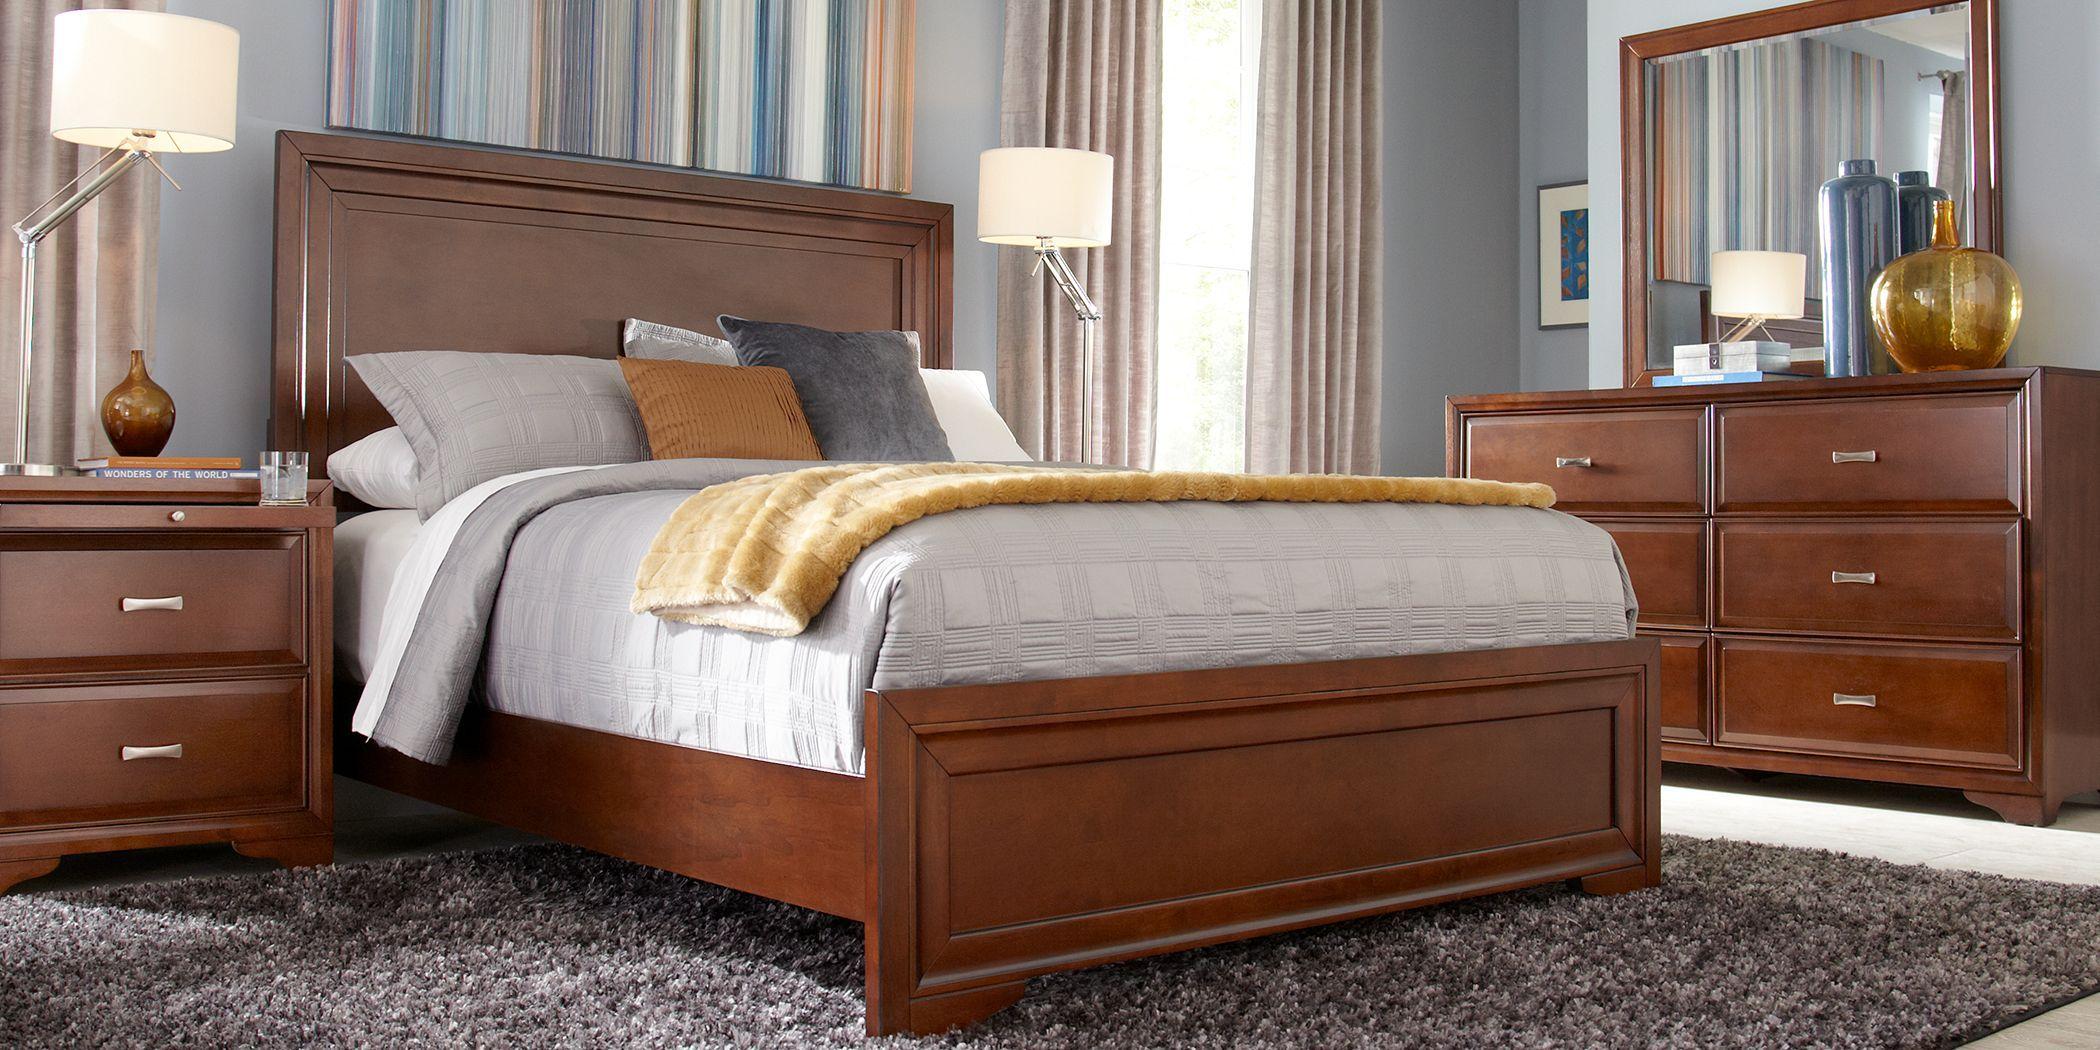 Belcourt Cherry 7 Pc Queen Panel Bedroom in 2019 | King size ...